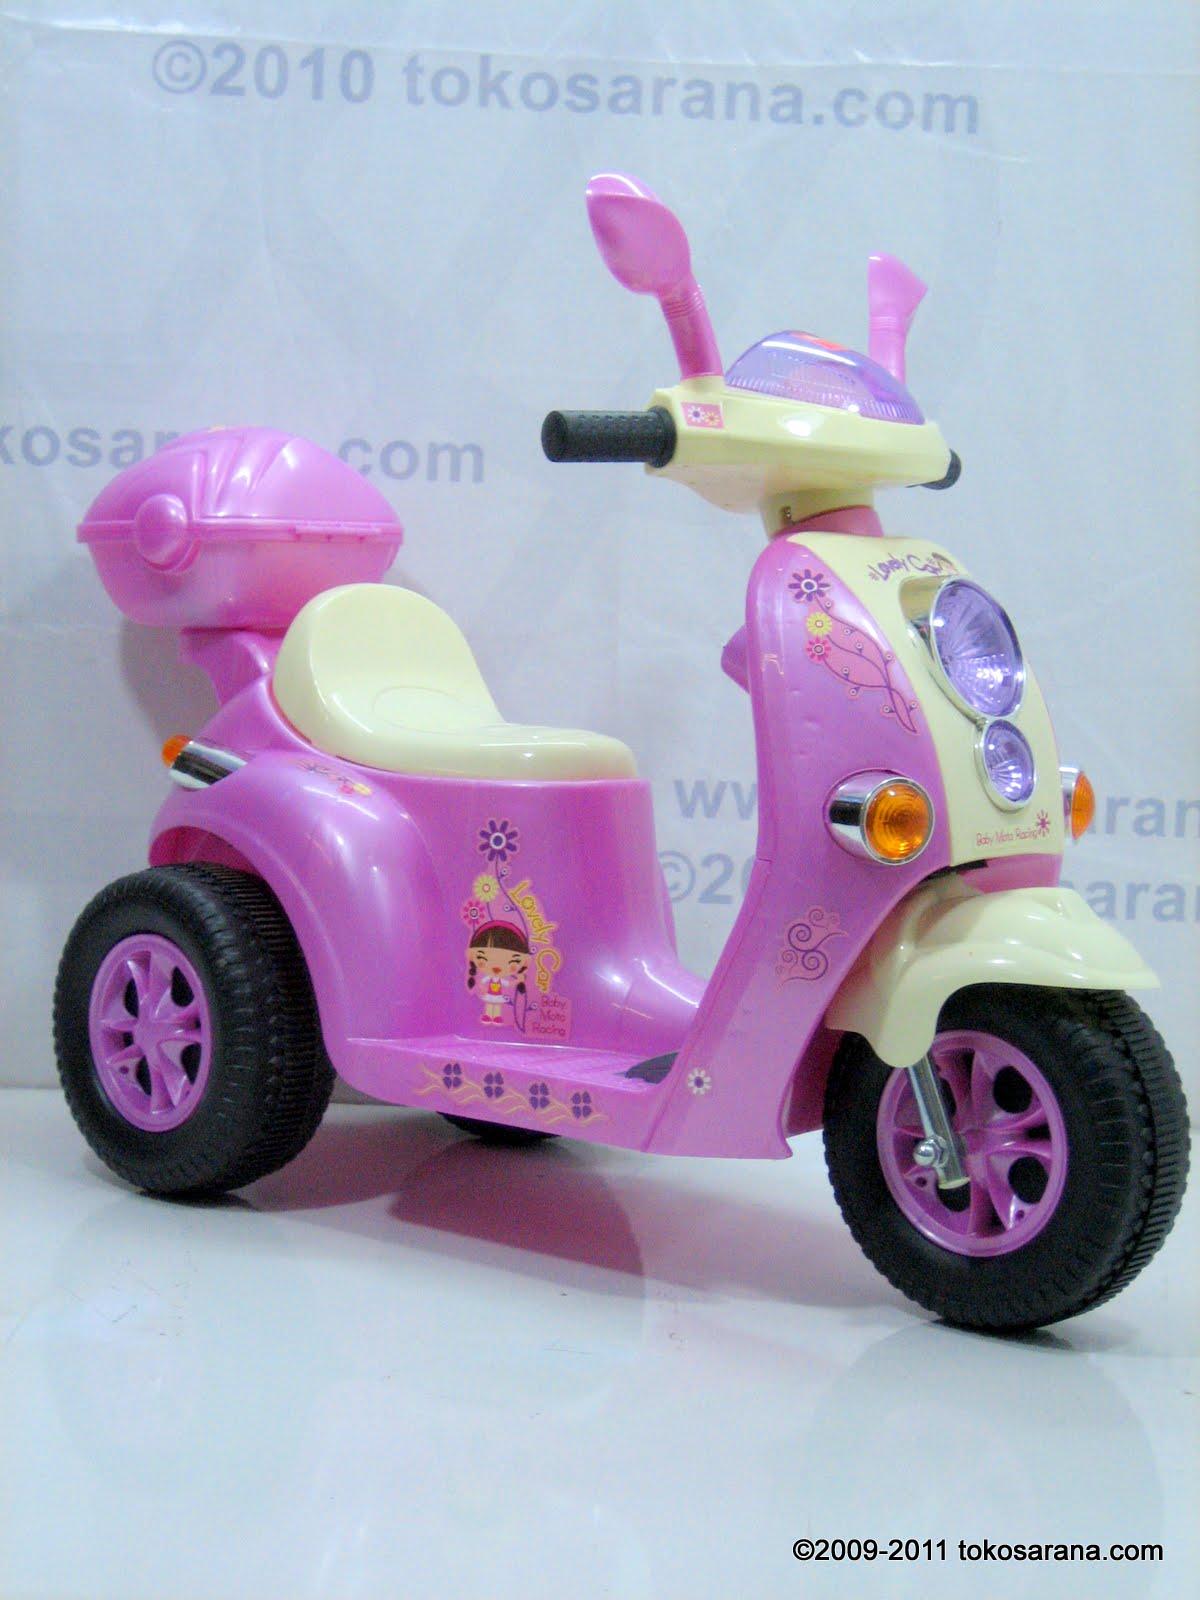 Shopping Blog tokosarana® - Jakarta (021)8517179 * mahasarana ...